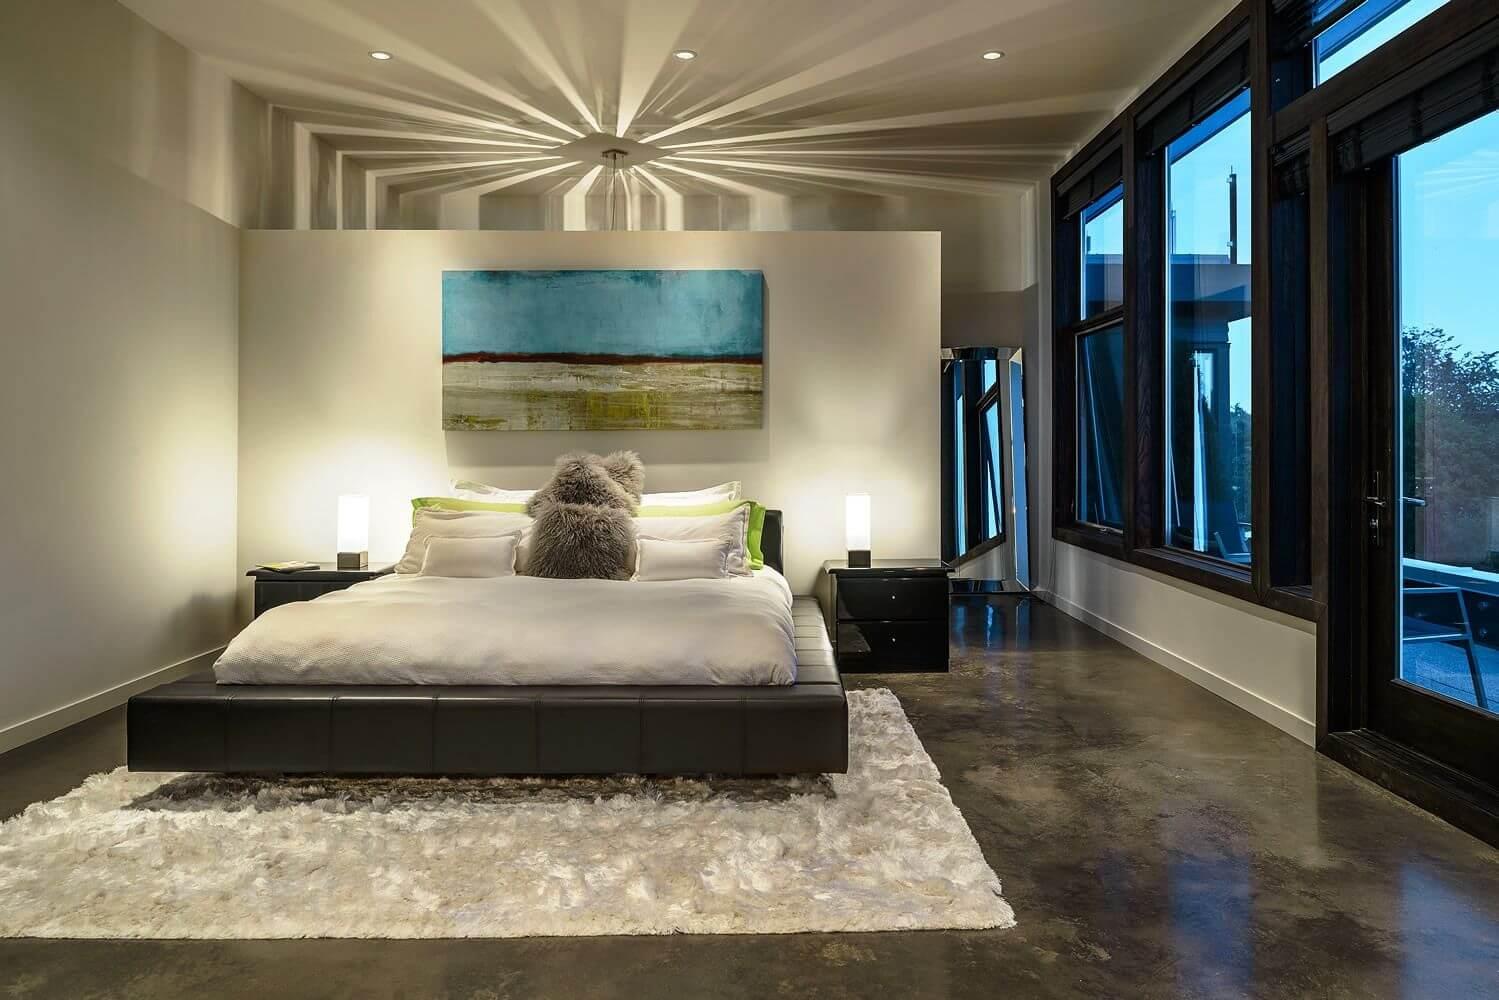 наливной пол в спальне